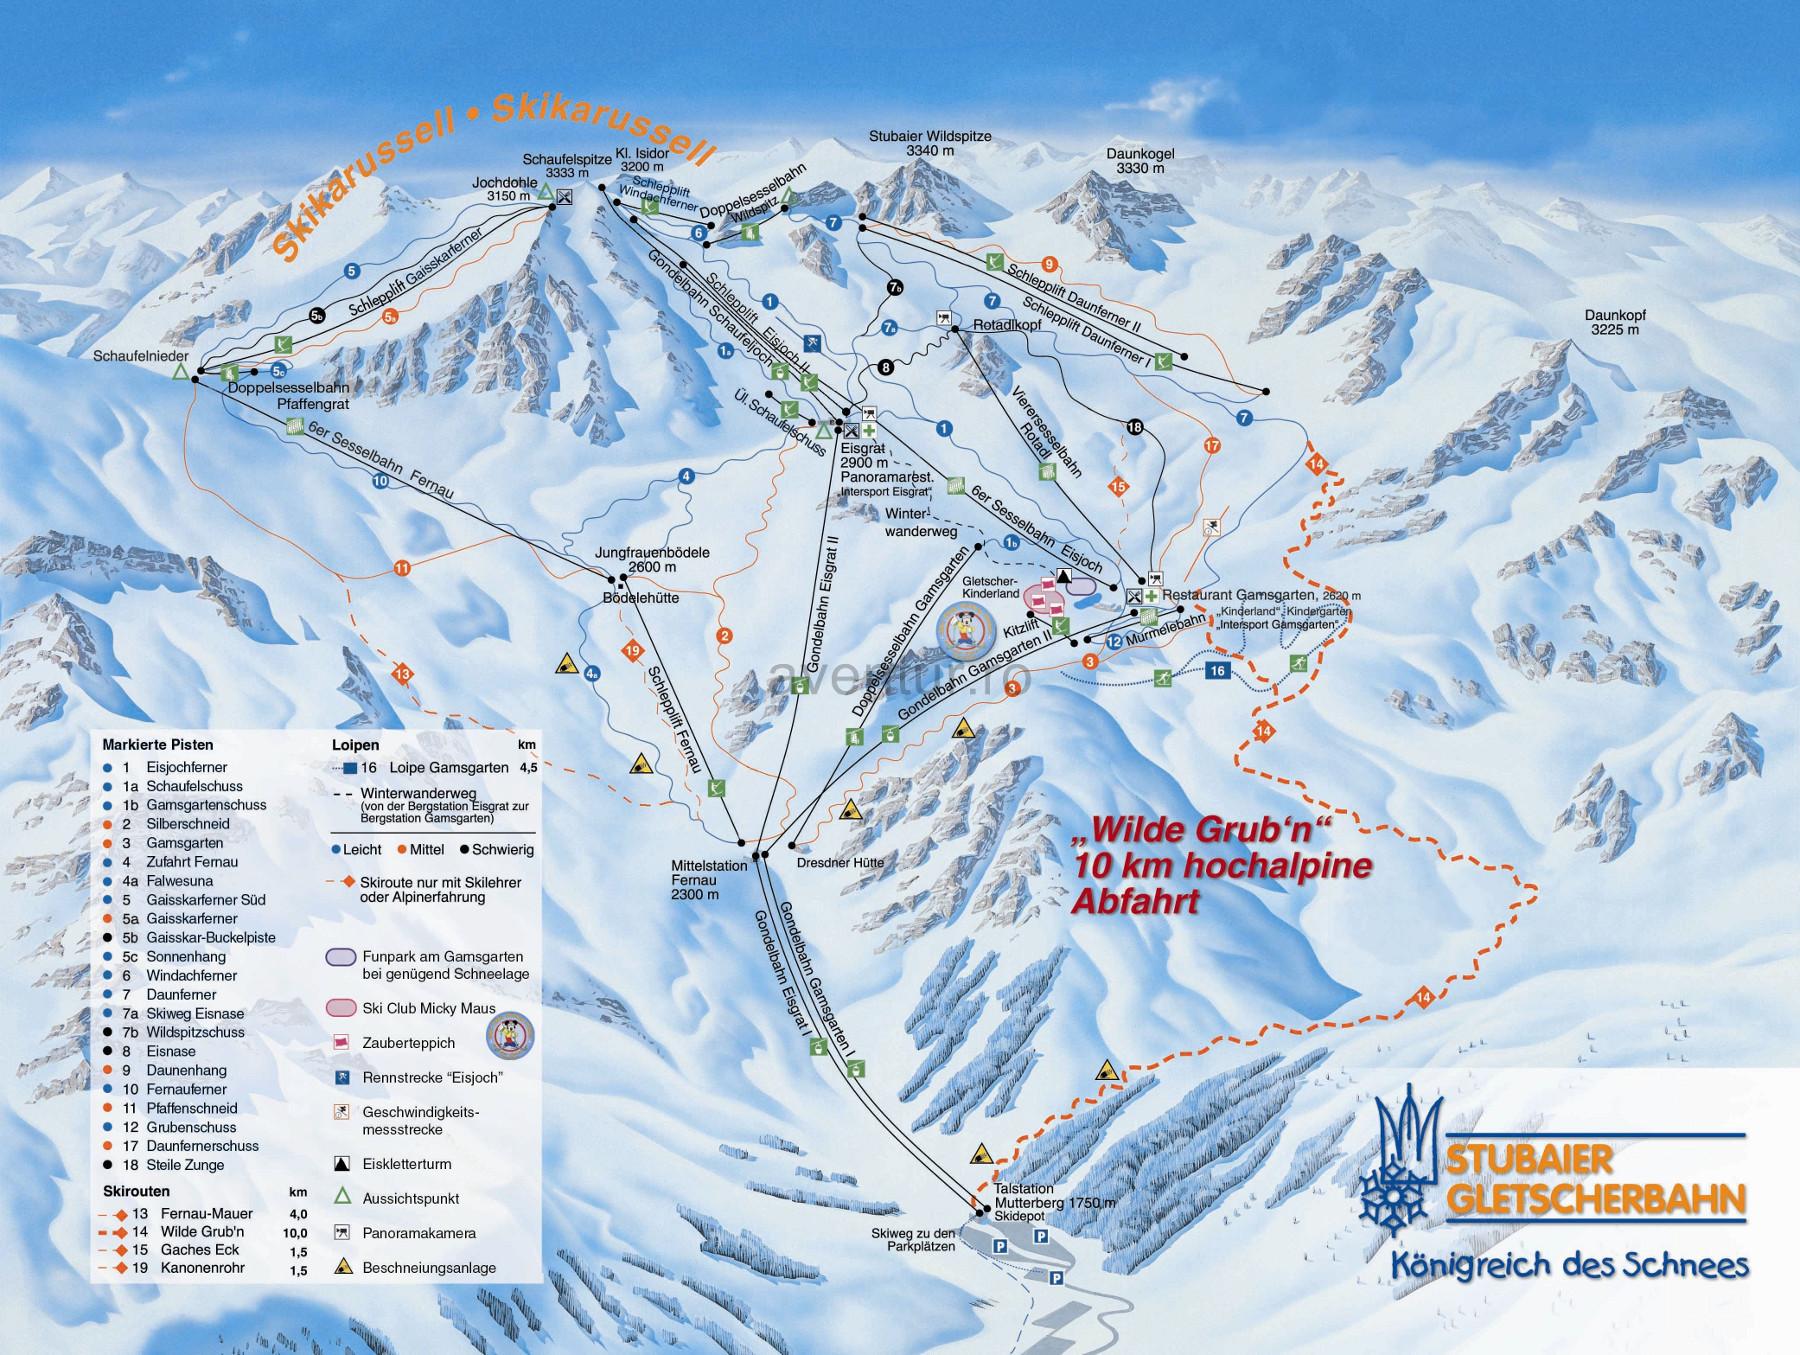 Lyžařská mapa sjezdovek areálu Ledovec Stubai